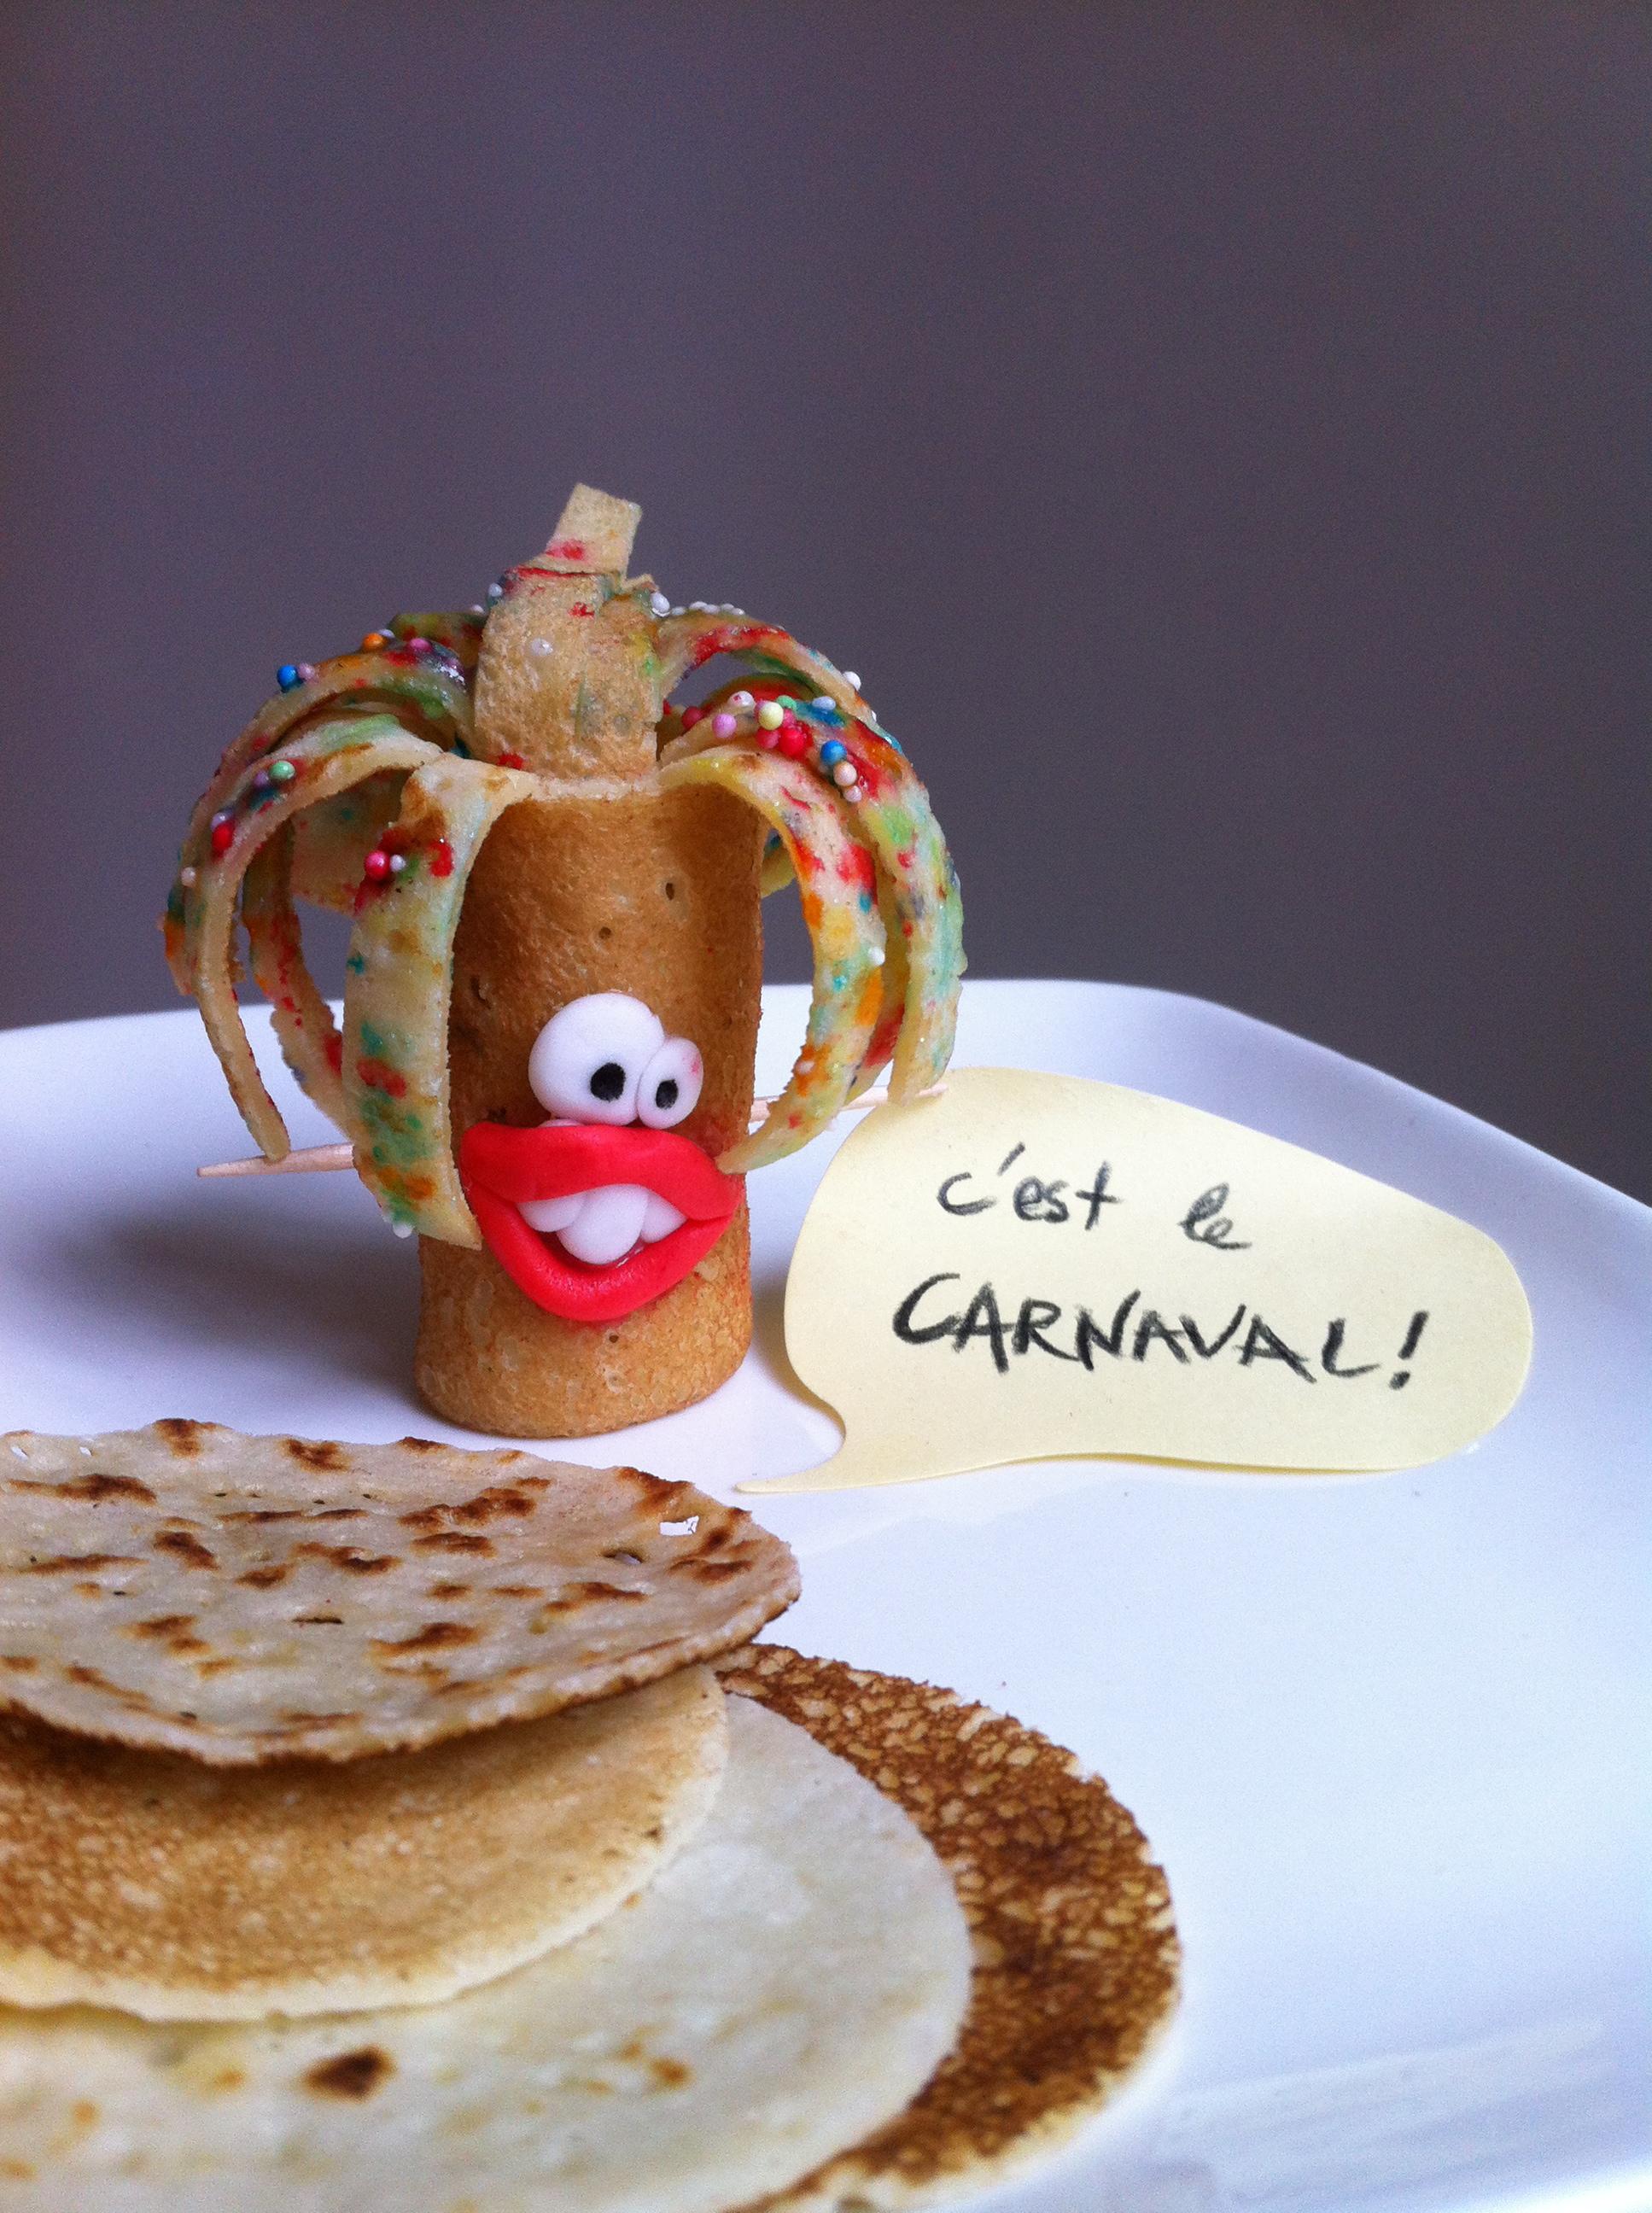 monsieur carnaval fait en crêpe